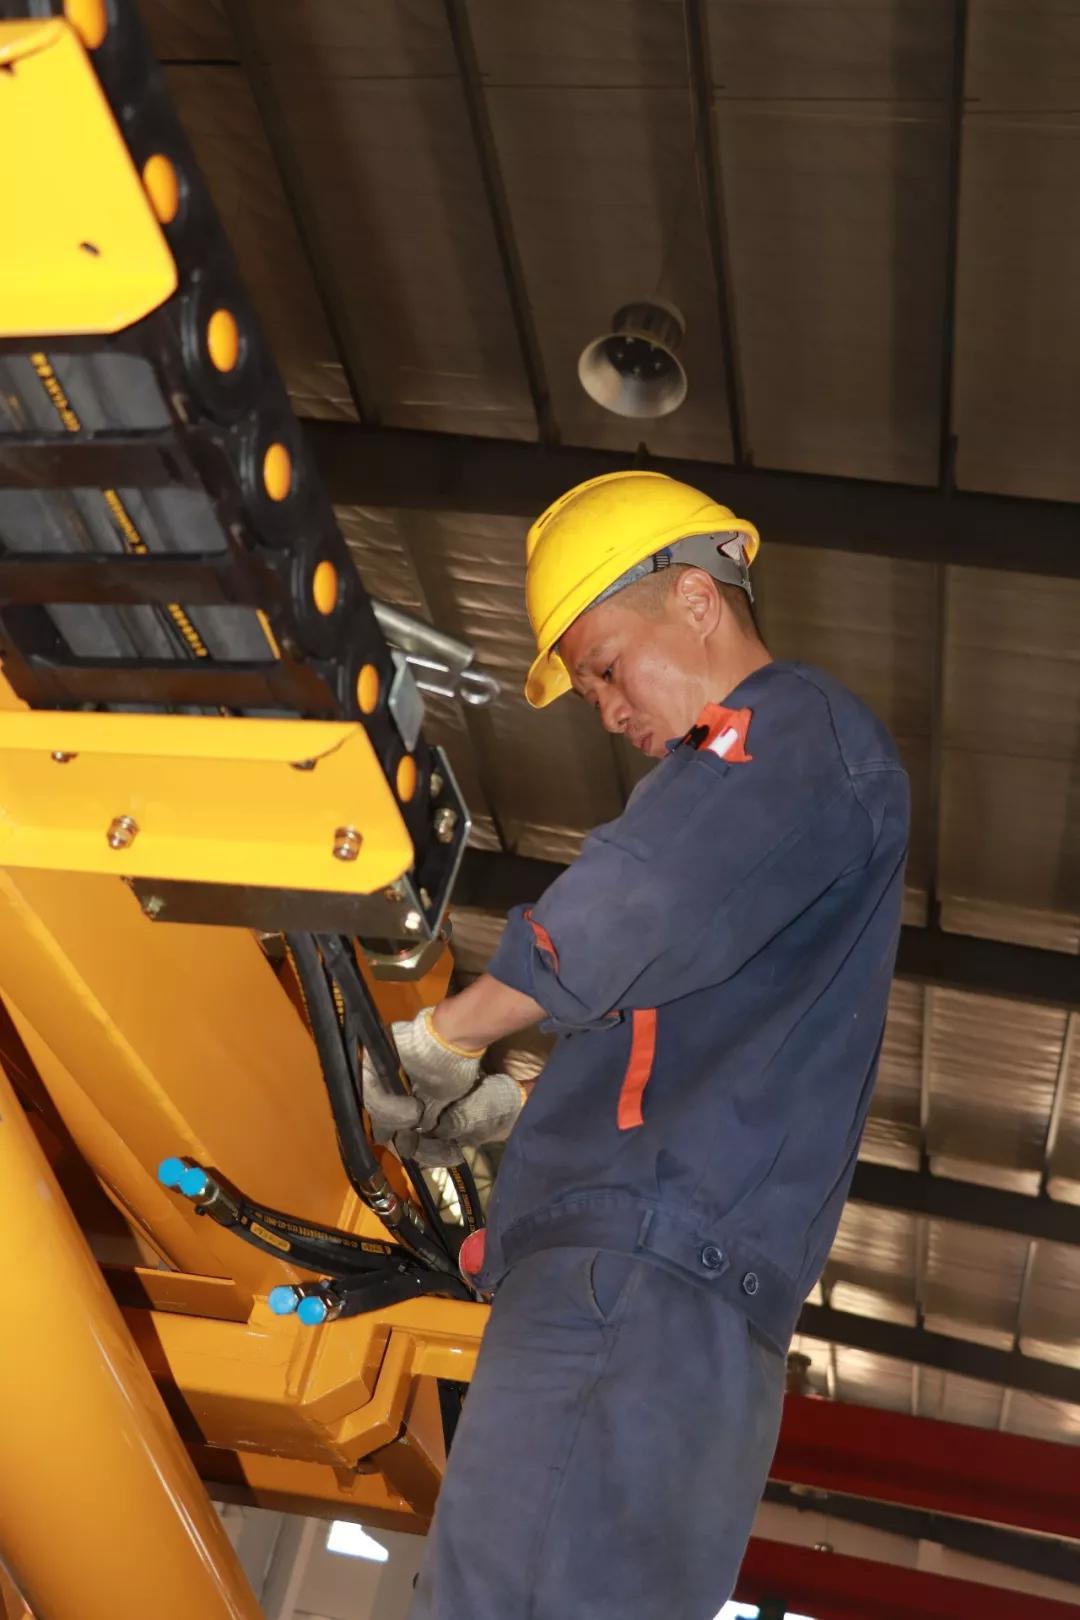 福建侨龙应急装备有限公司,工人正在生产作业|连灼森 摄